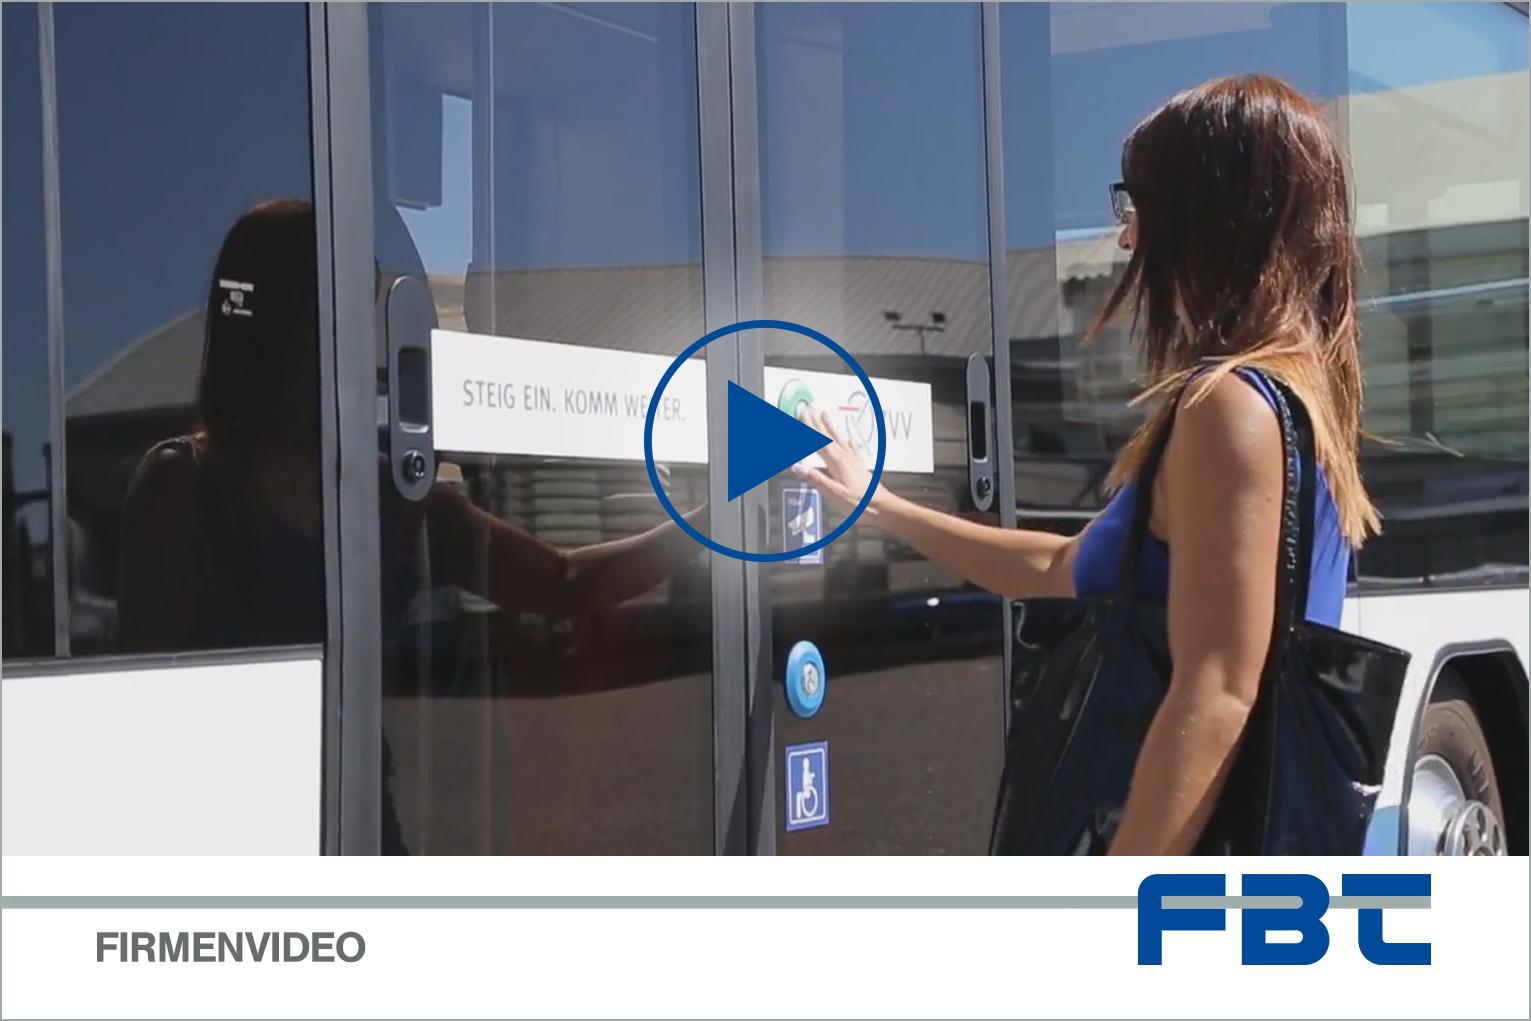 FBT Firmenvideo